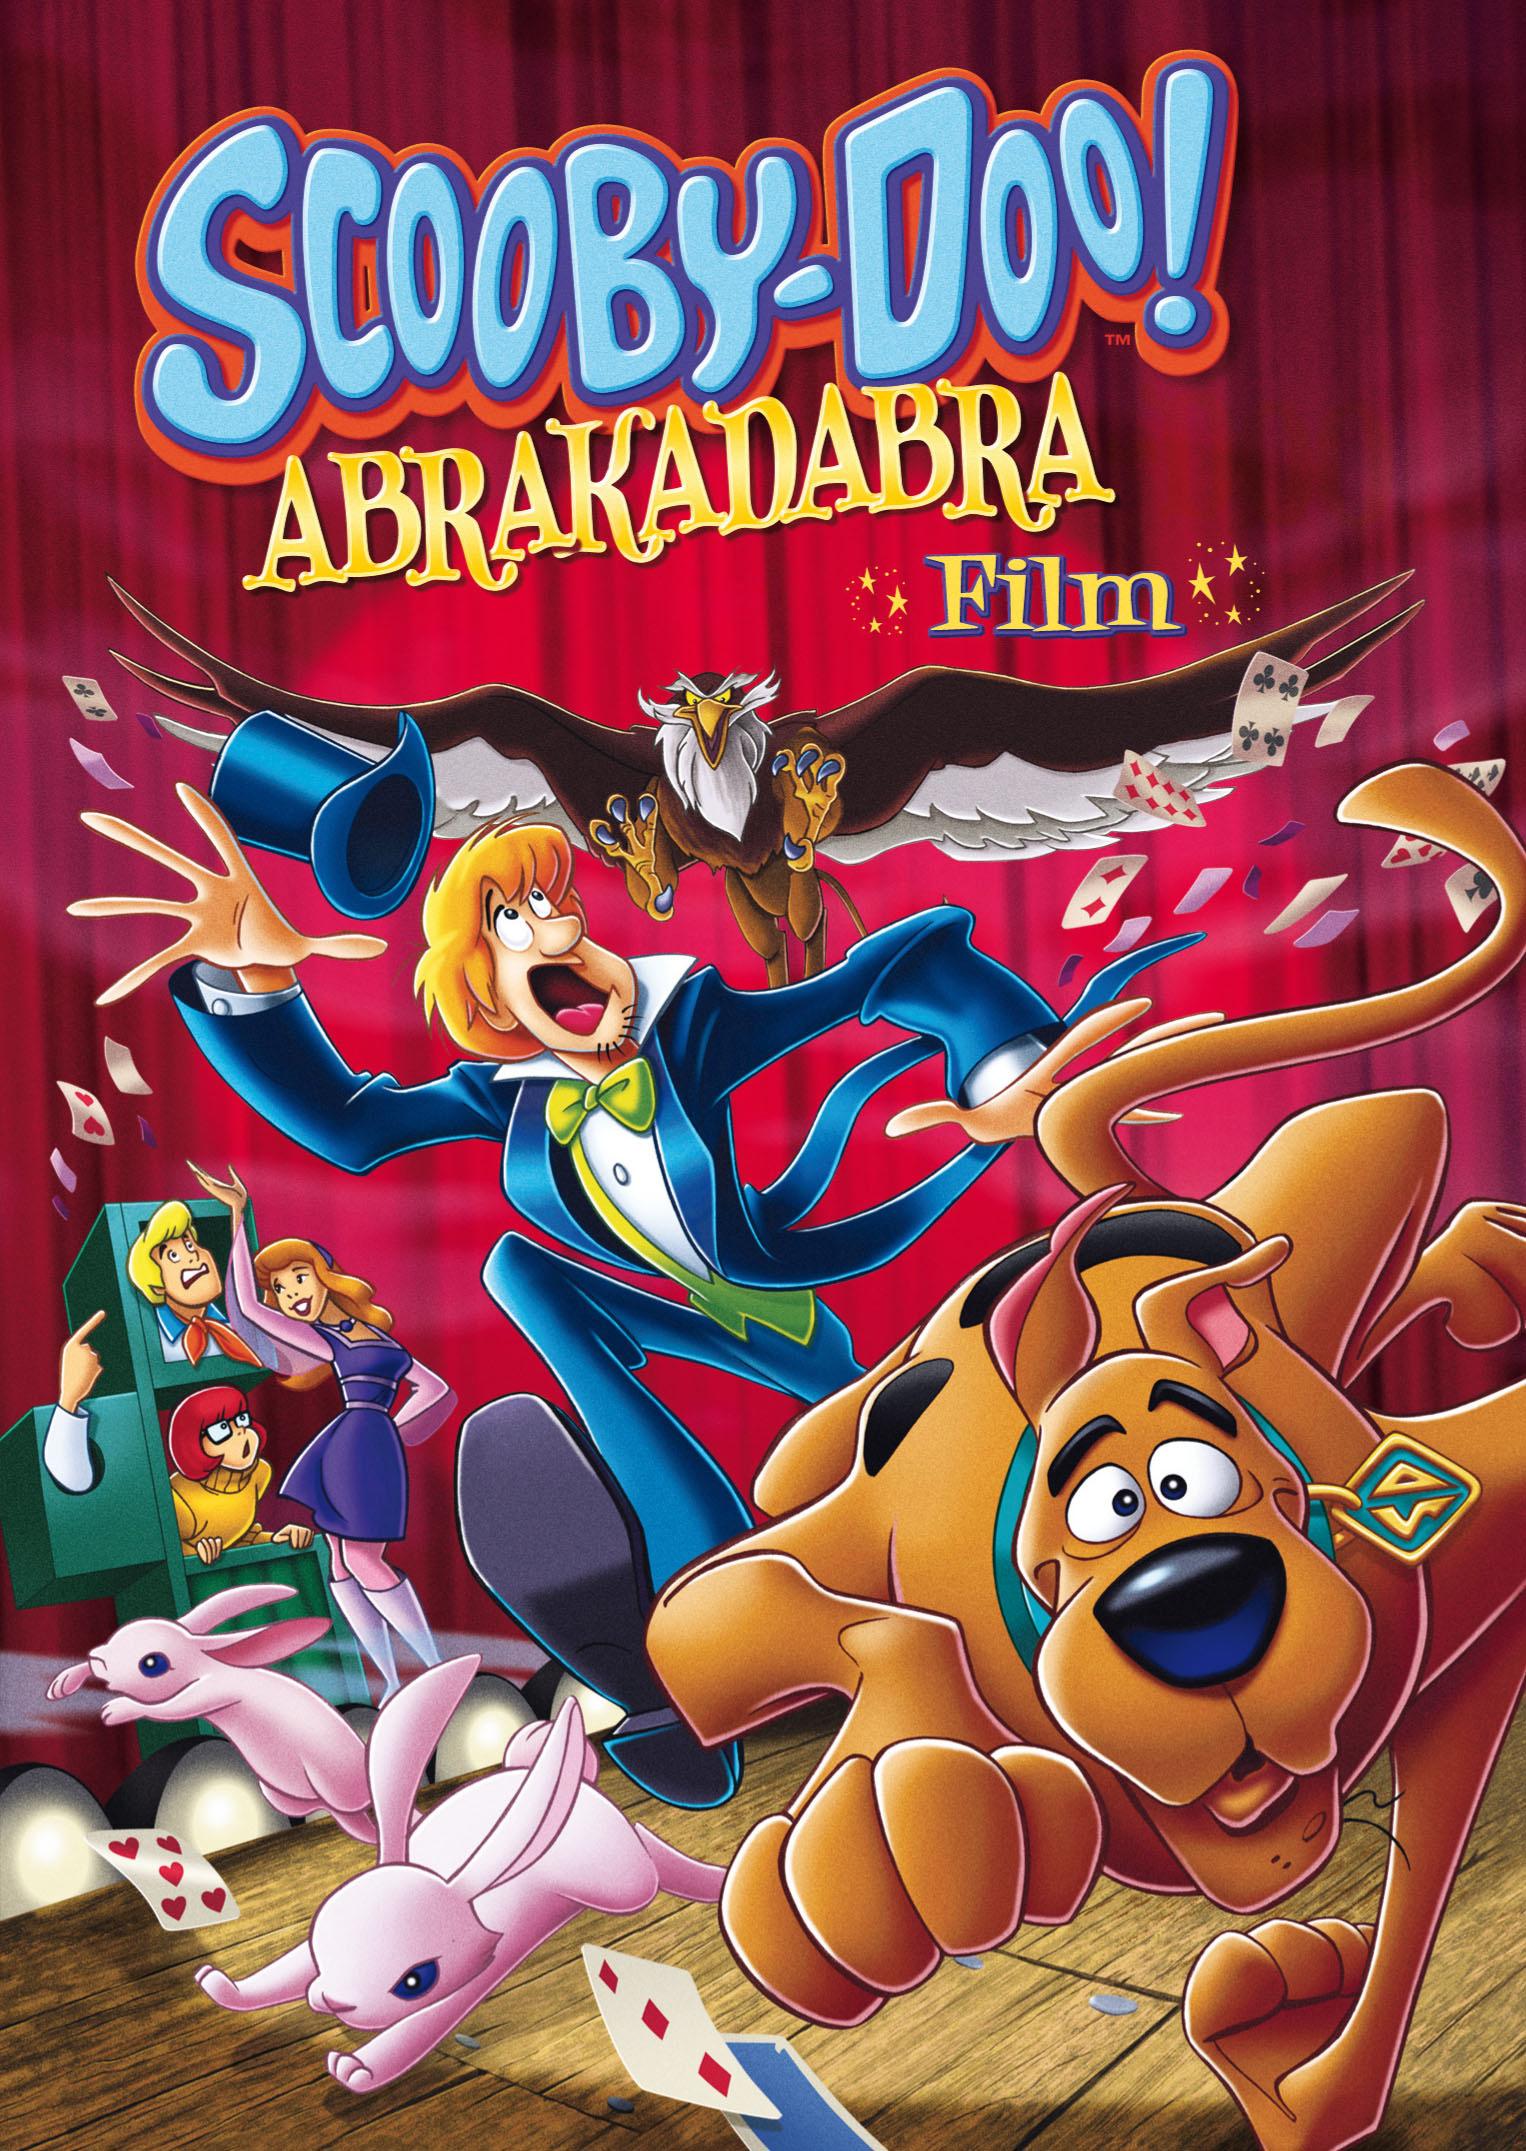 Spustit online film zdarma Scooby-Doo: Abrakadabra!